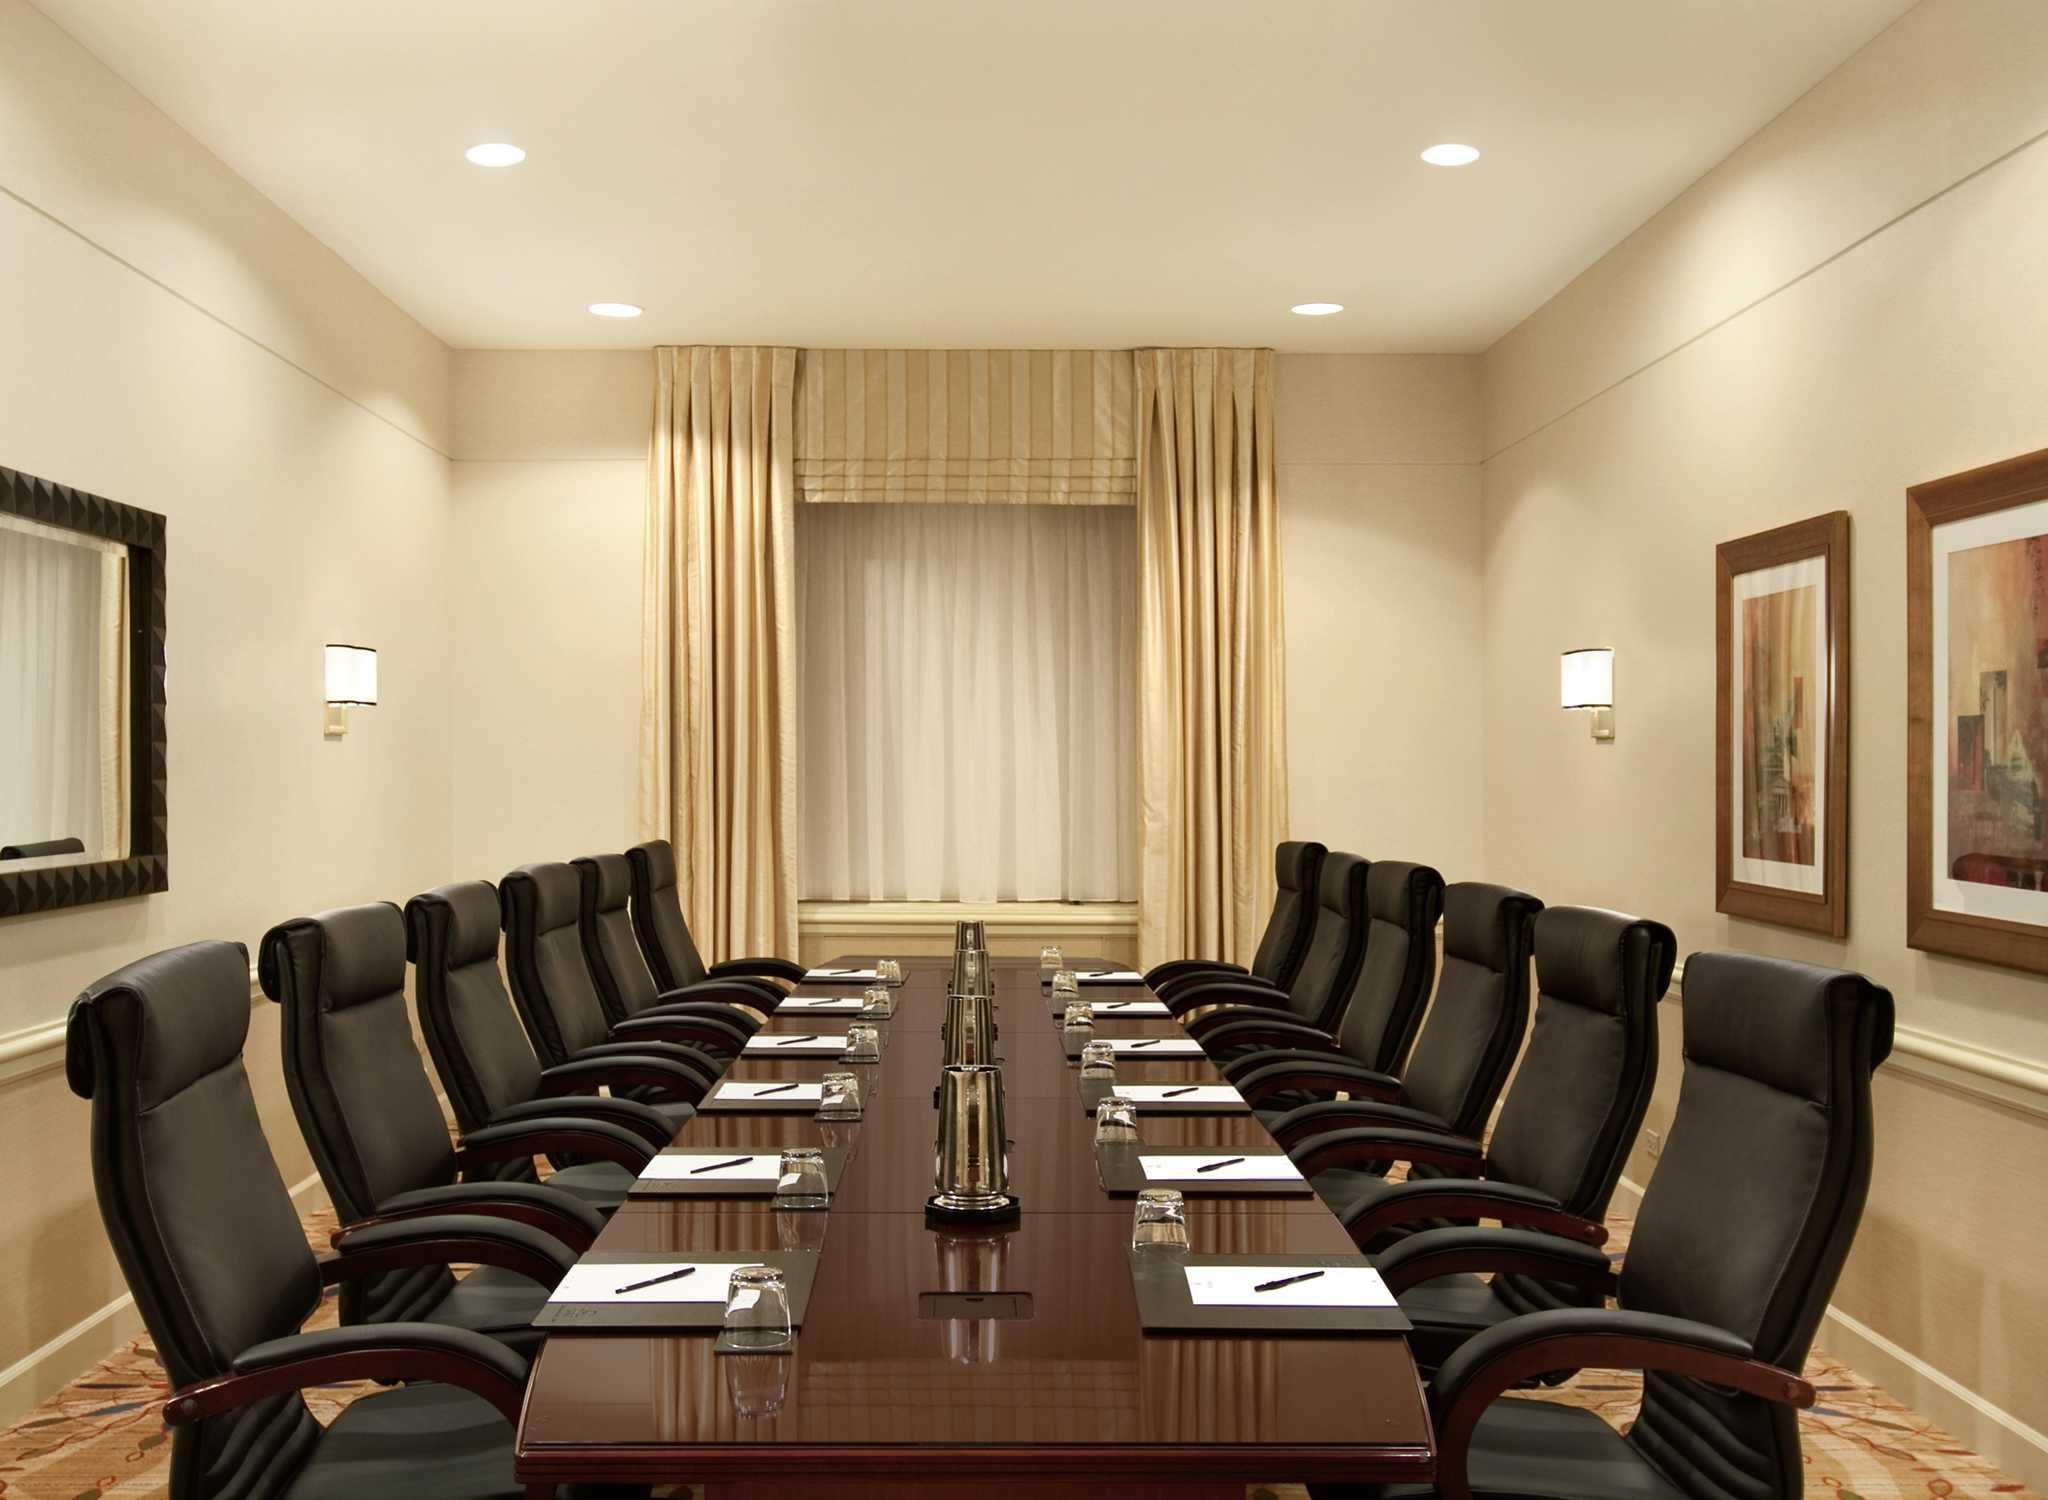 Hoteles En El Centro De La Ciudad De Washington Dc Hotel De Lujo  # Muebles Hilton Capital Federal